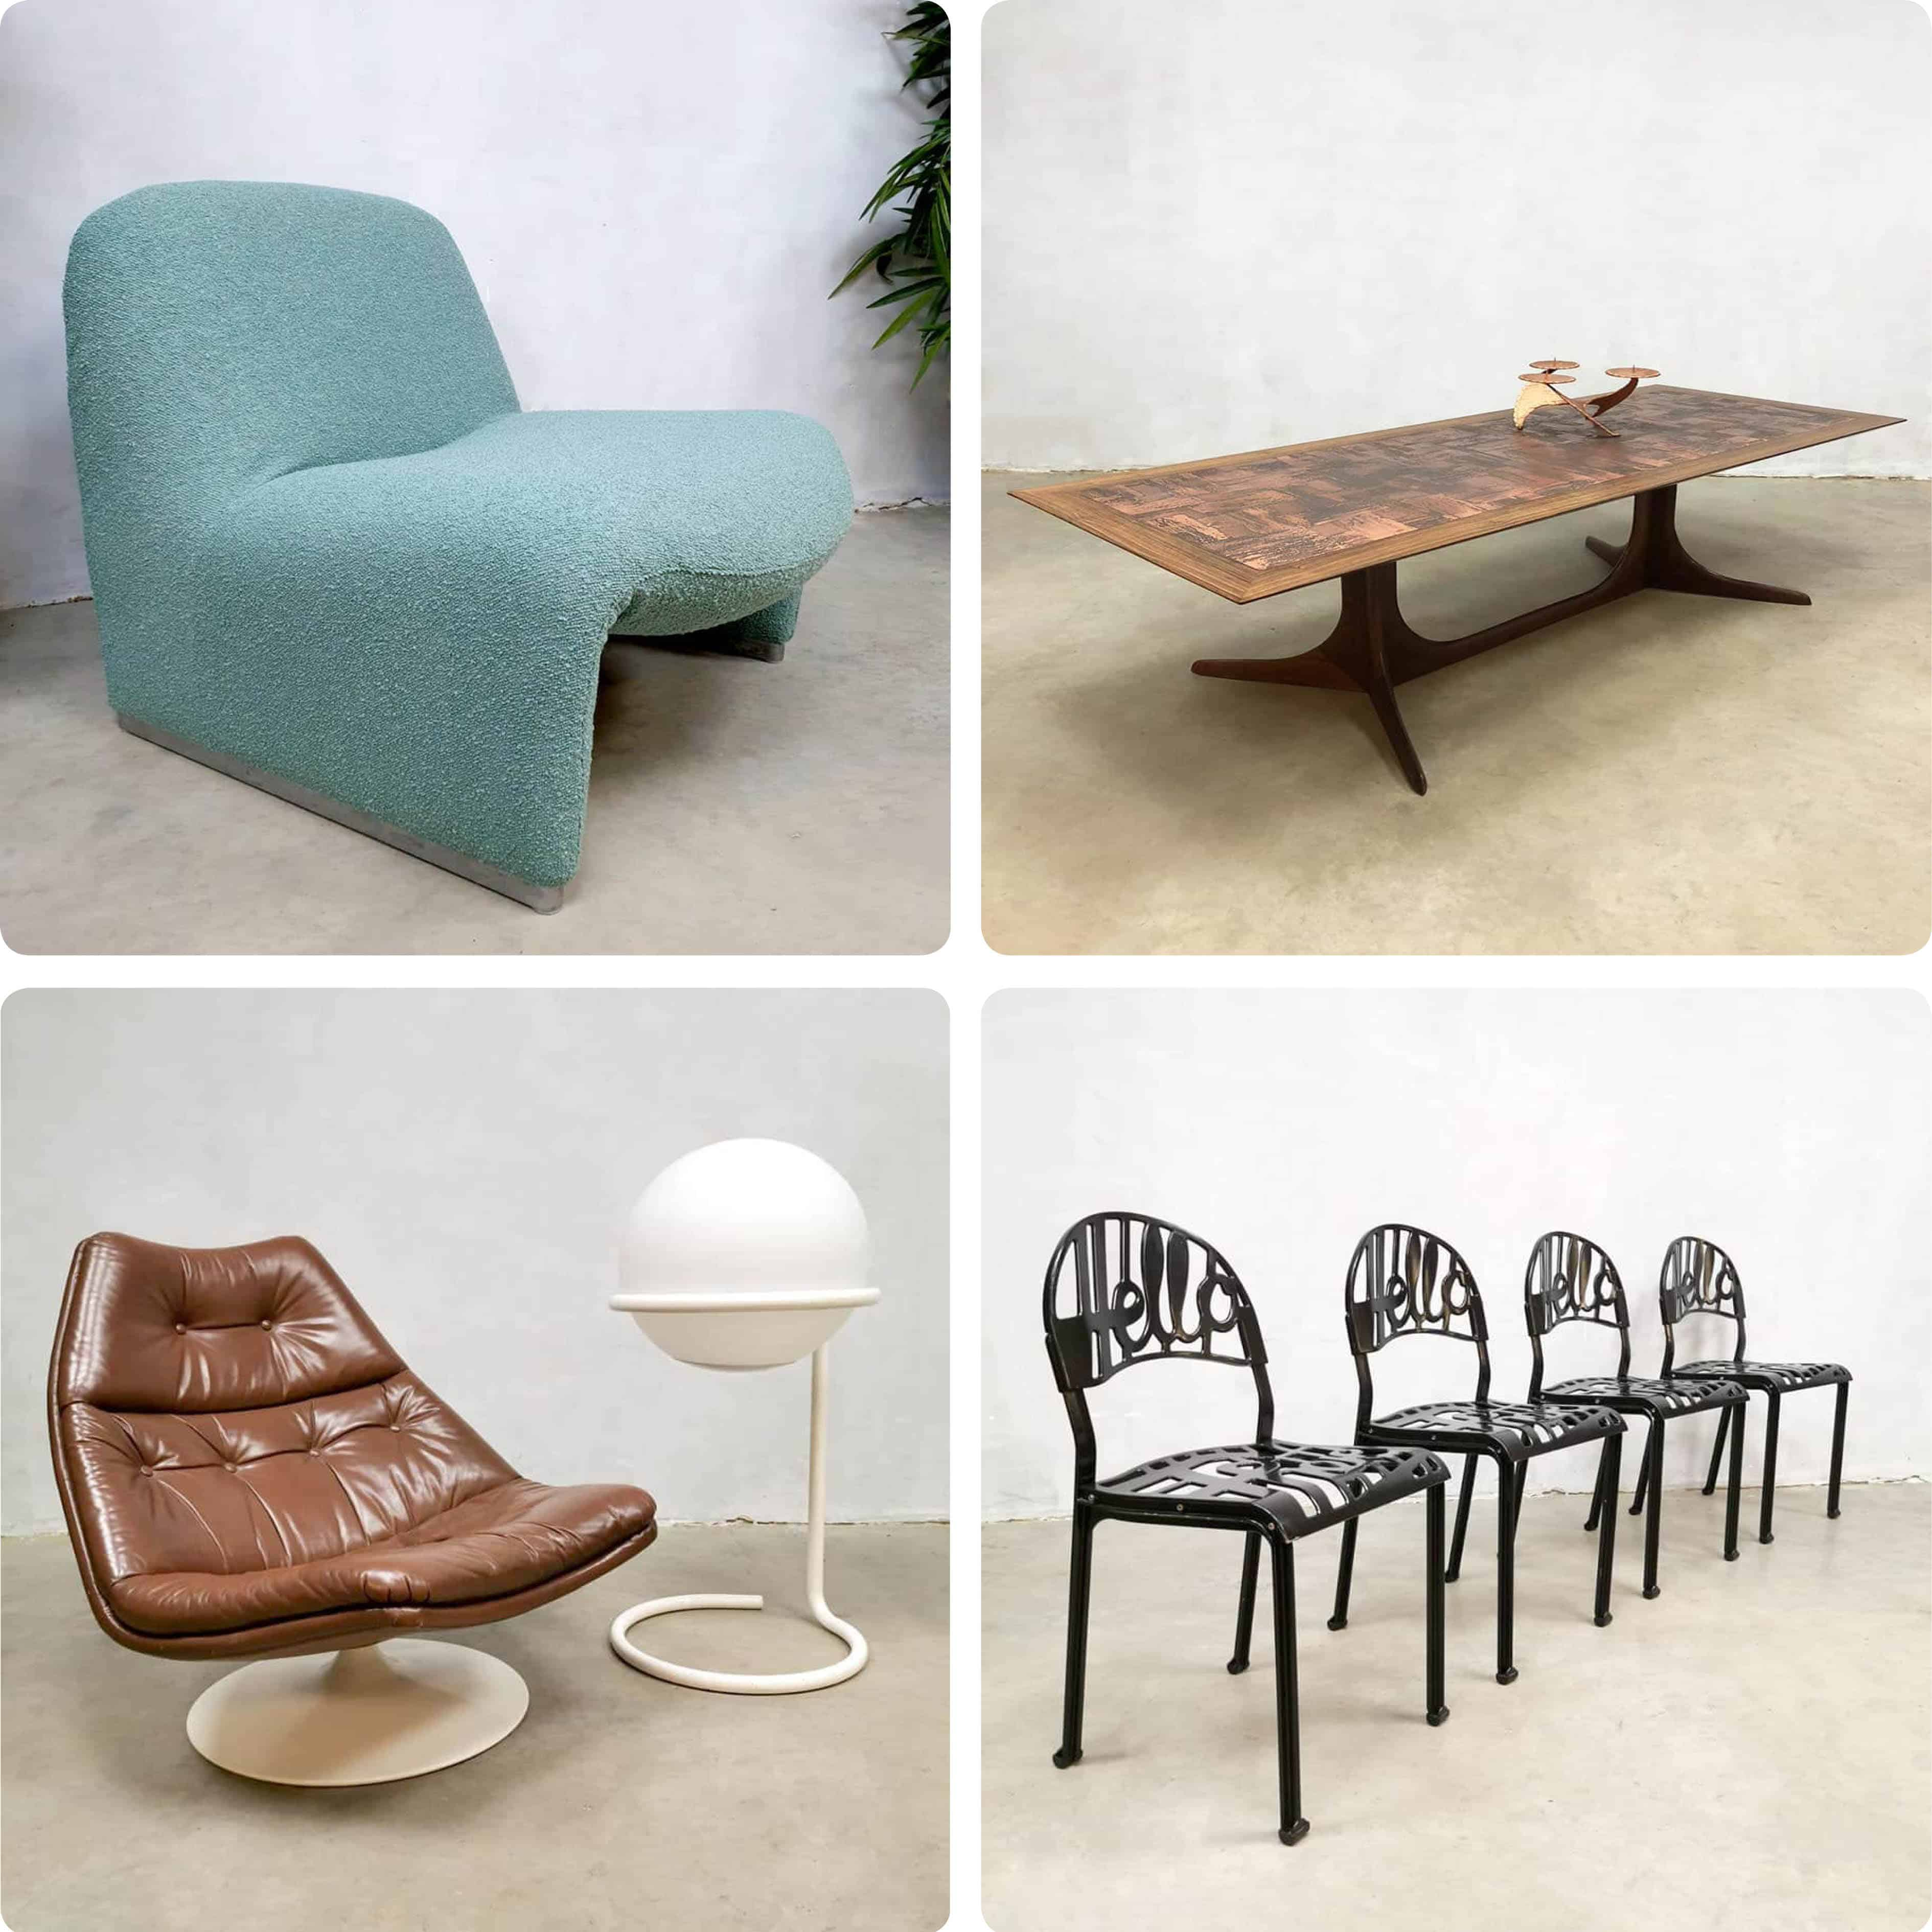 Design Meubelen Jaren 50.Noors Design Meubels